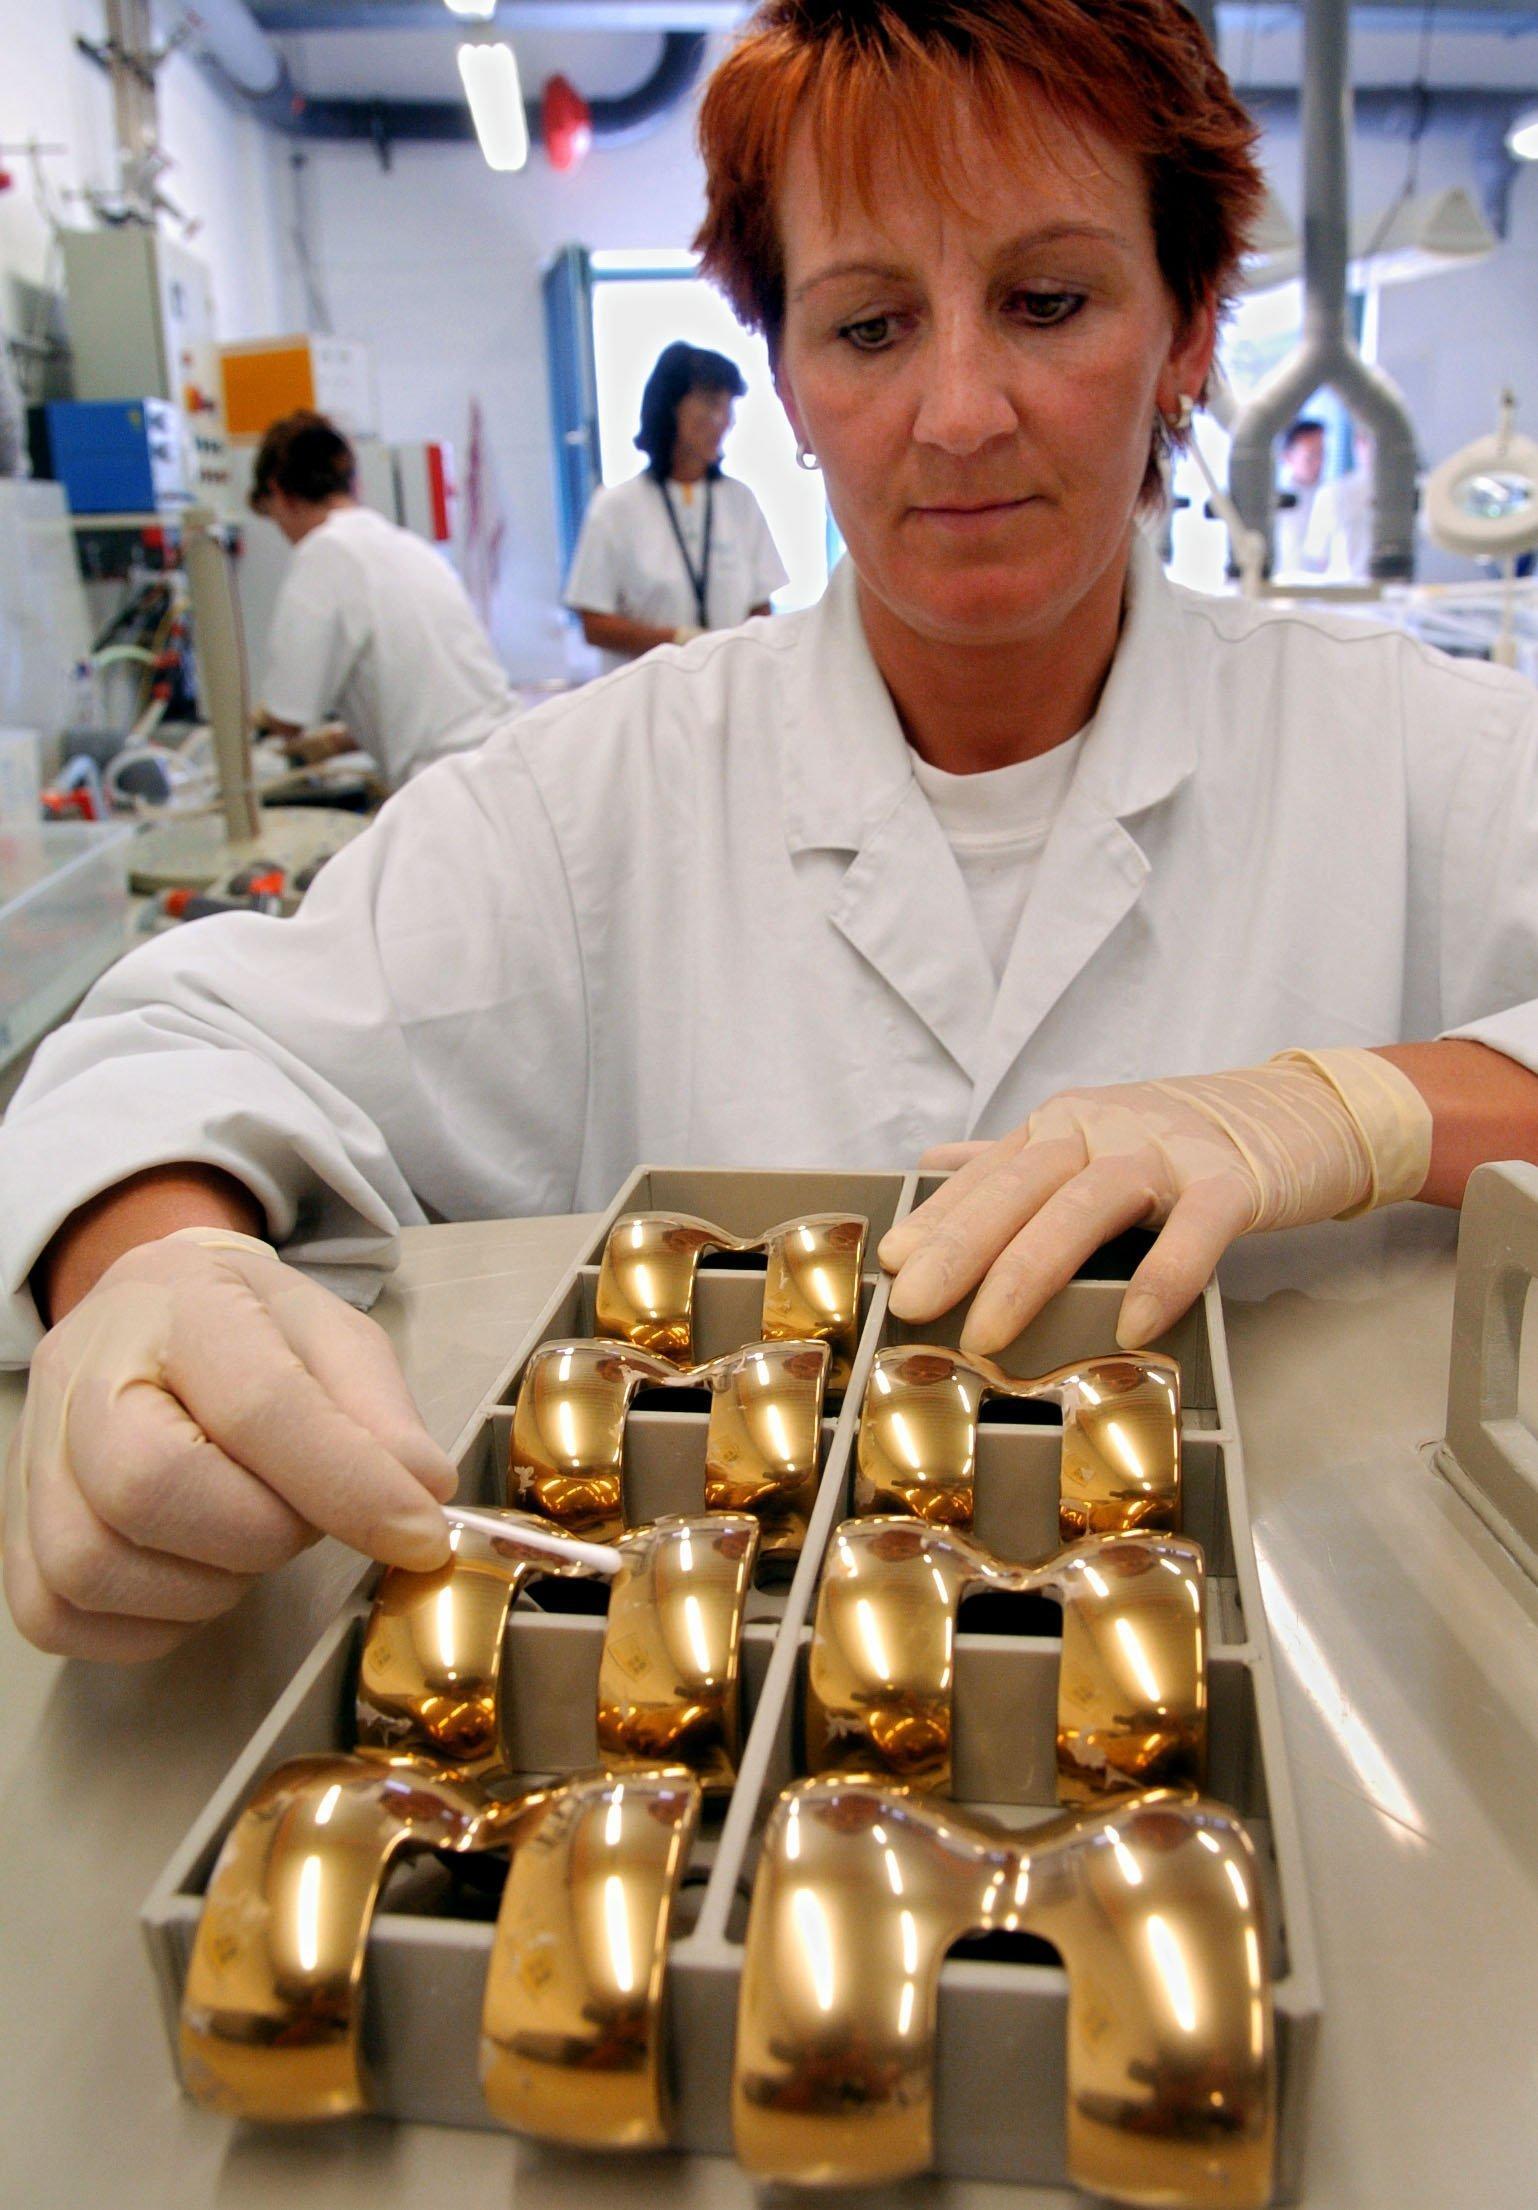 Implantate aus Metall:Wenn Bakterien mit Wasser und Metallen in Berührung kommen, bildet sich meist schnell ein Biofilm. Das kann zu Komplikationen nach der OP führen.